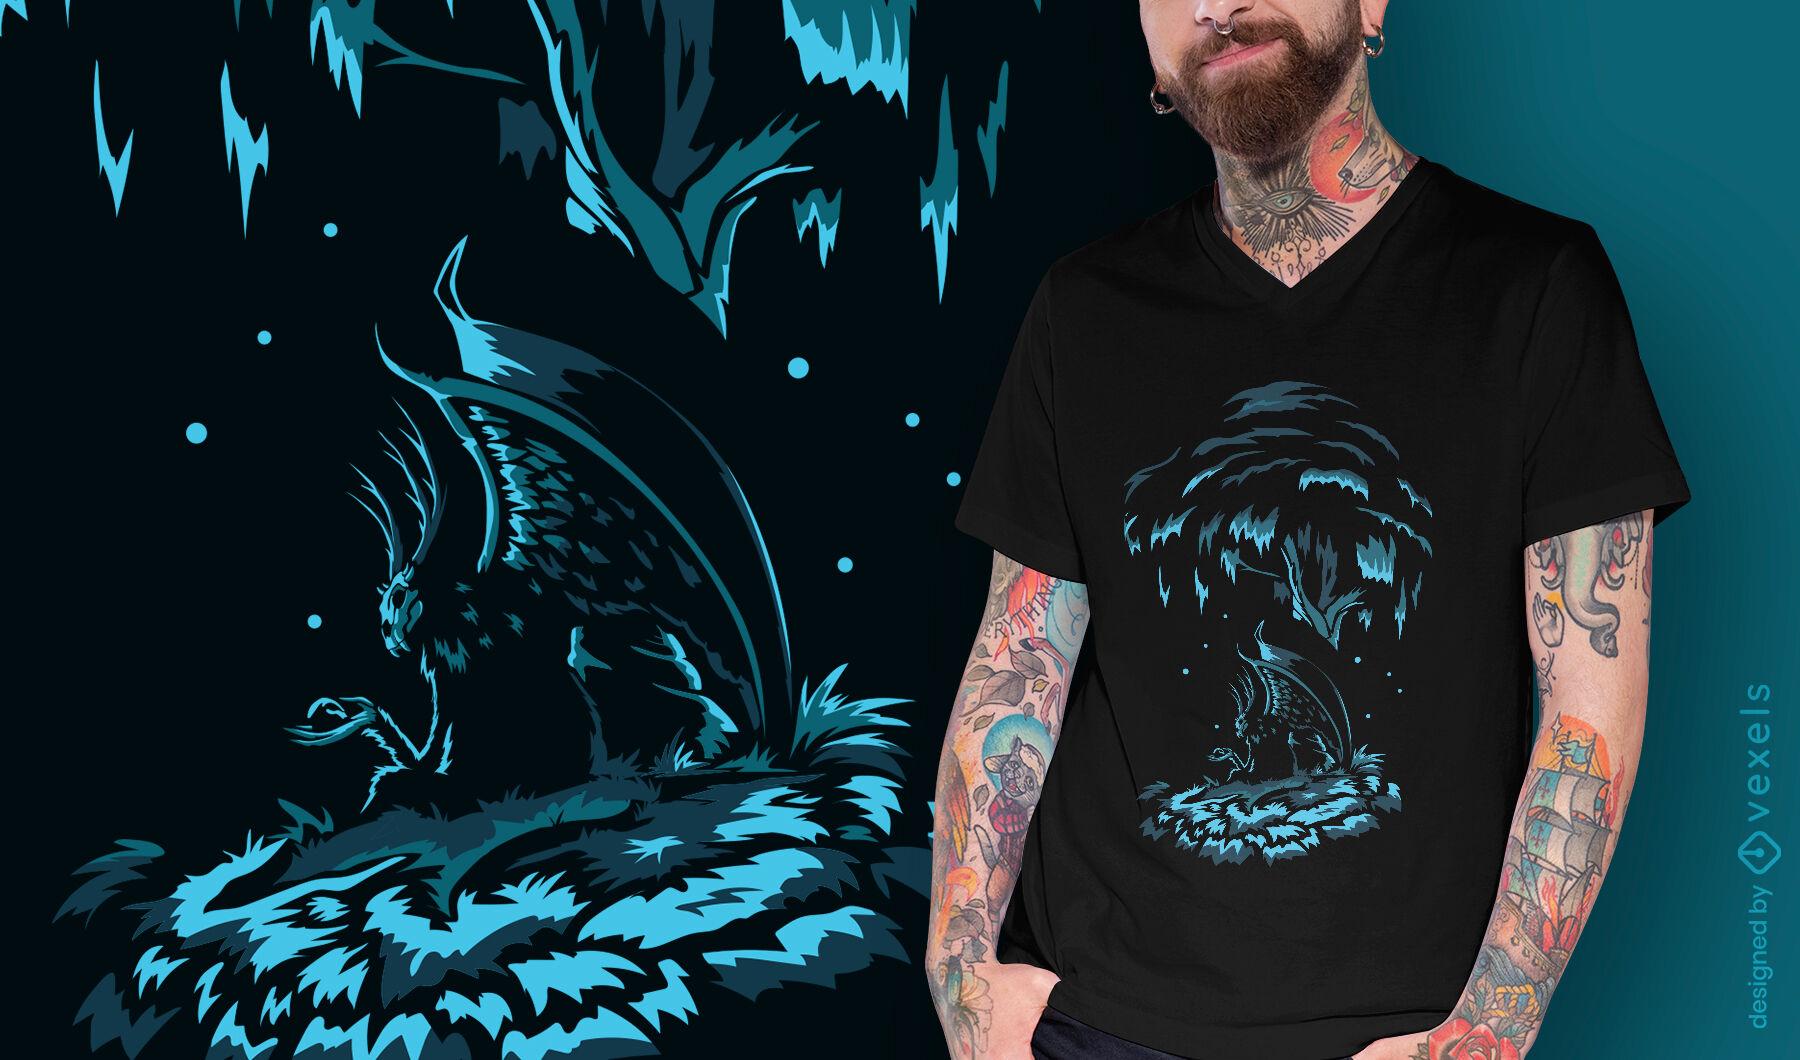 Dark creature demon wings t-shirt design